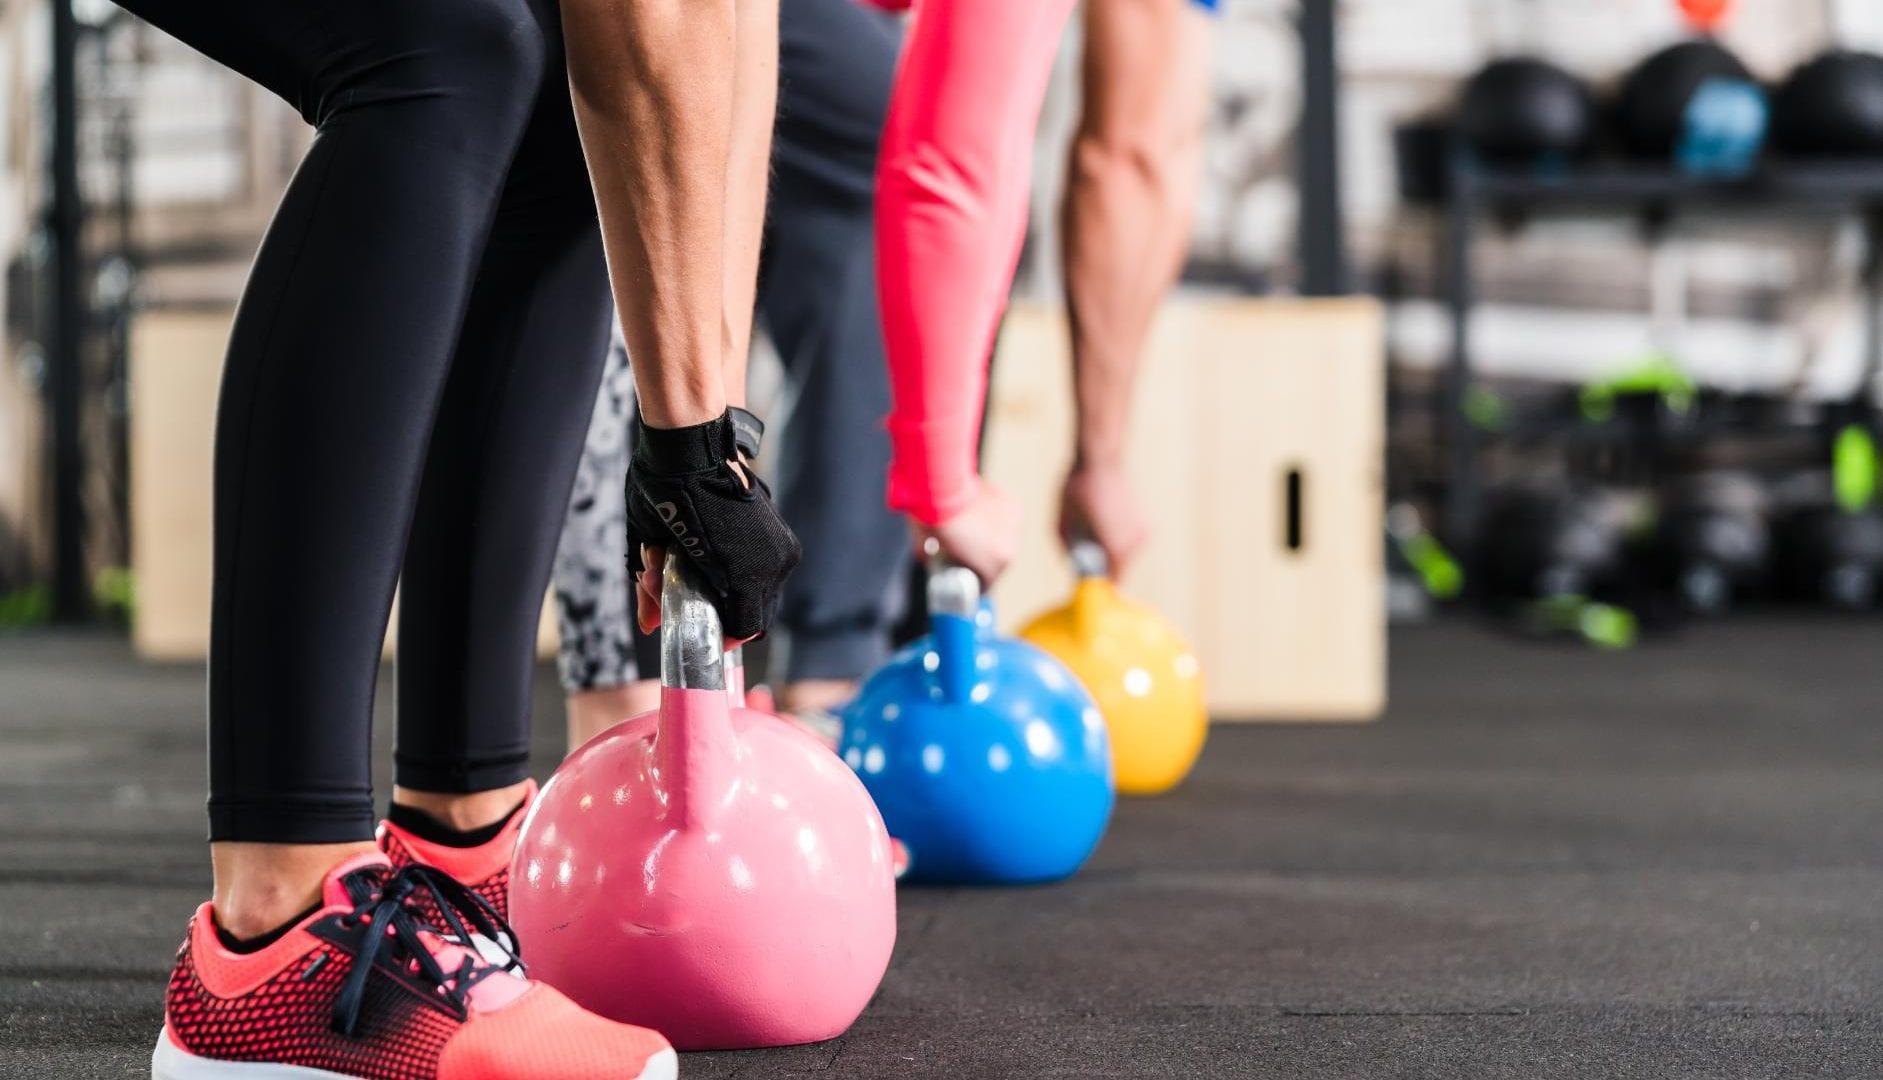 Gym Kettlebell Fitness